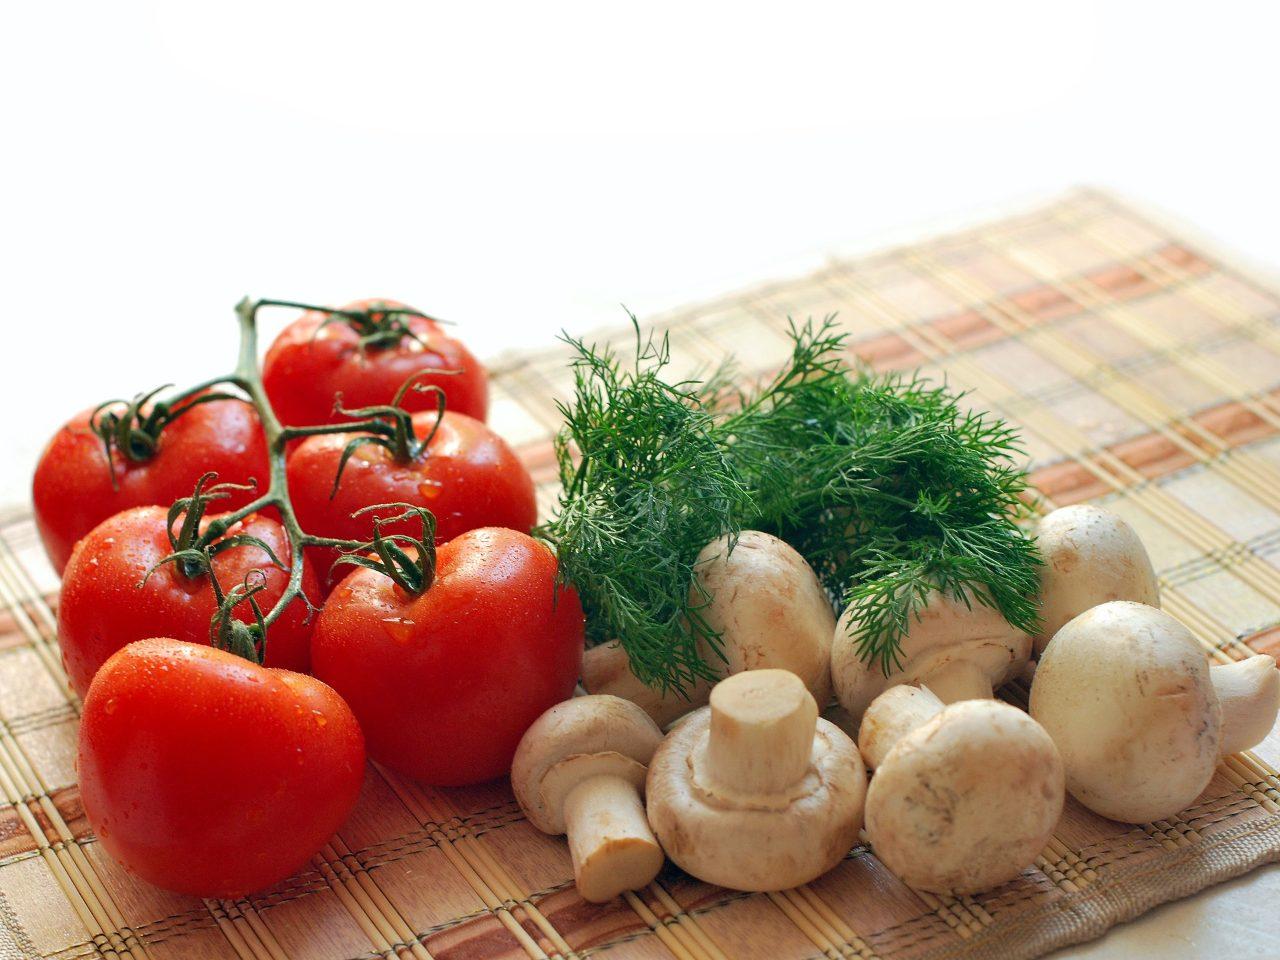 產後坐月子營養均衡配圖:番茄和香菇